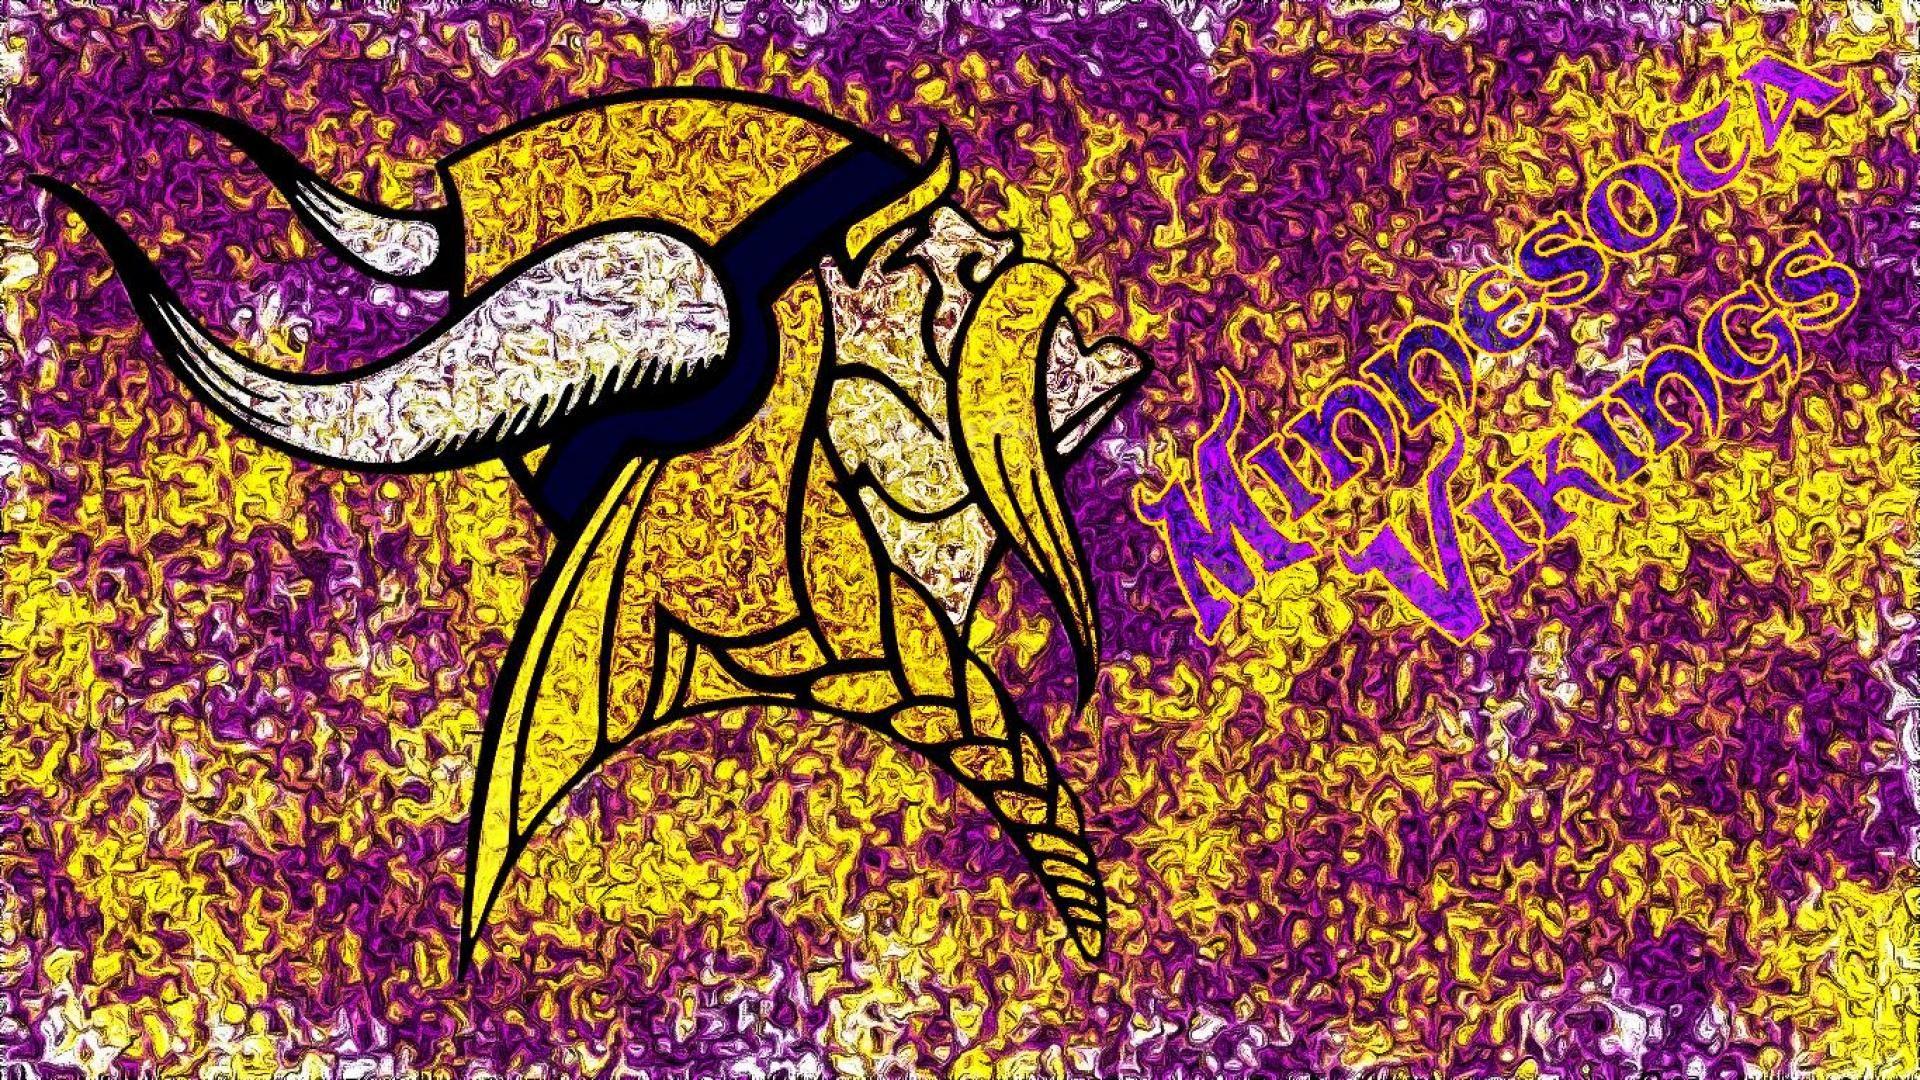 Minnesota Vikings free image